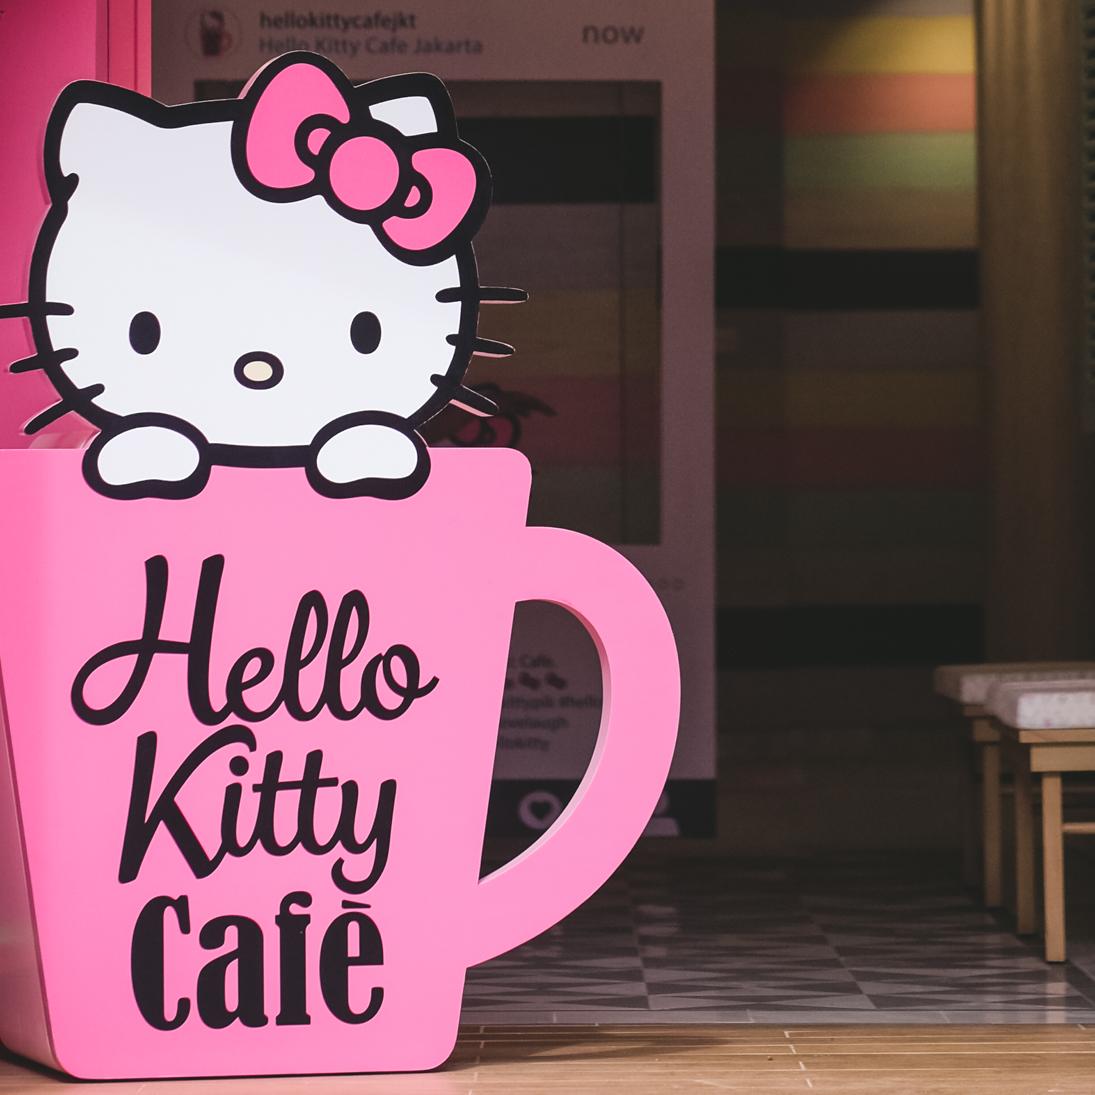 Hello Kitty Cafe Jakarta Novocom Top